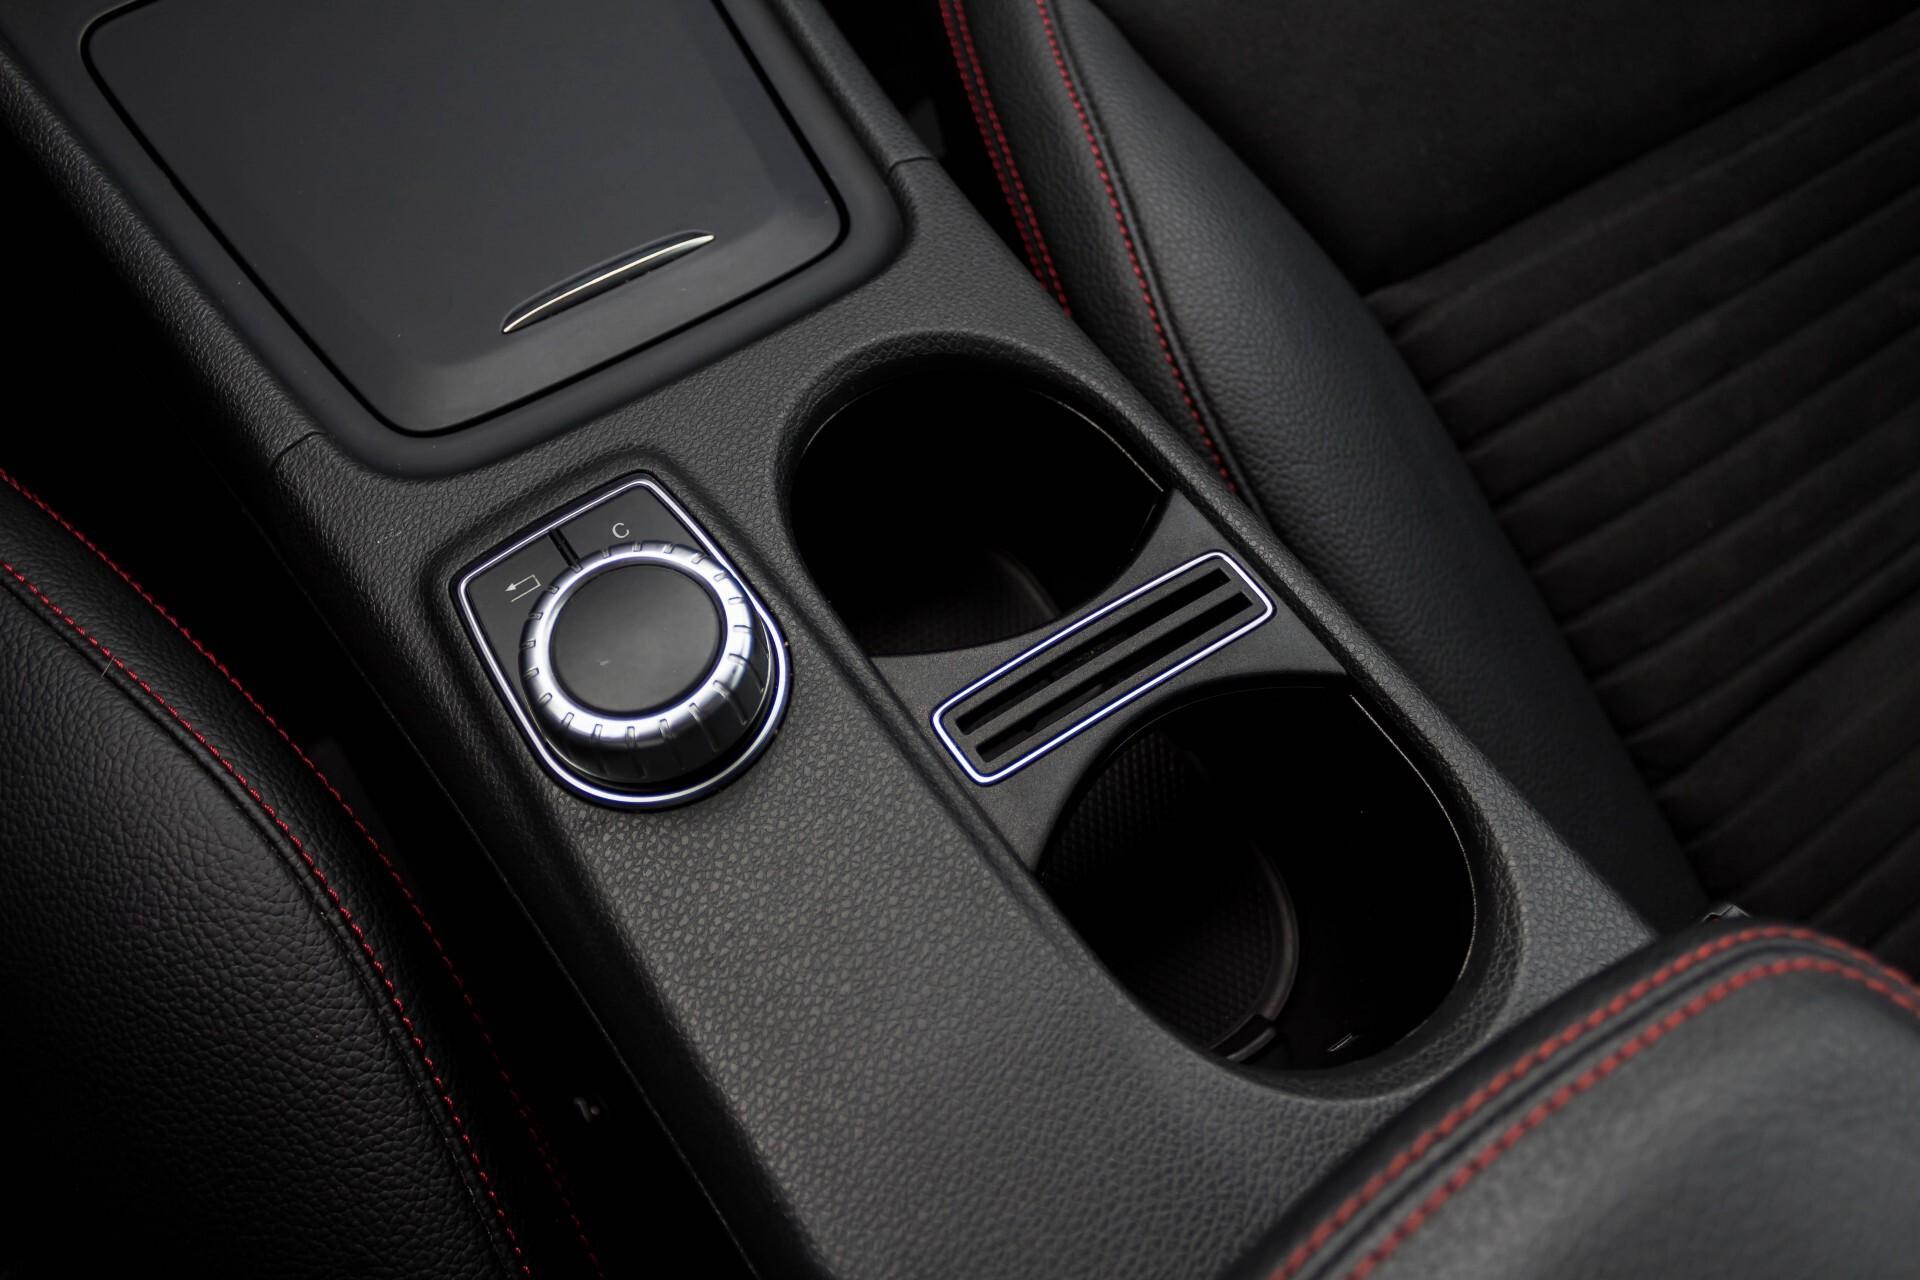 Mercedes-Benz A-Klasse 180 Cdi AMG Panorama Bi-xenon/Navi/PTS Aut7 Foto 21